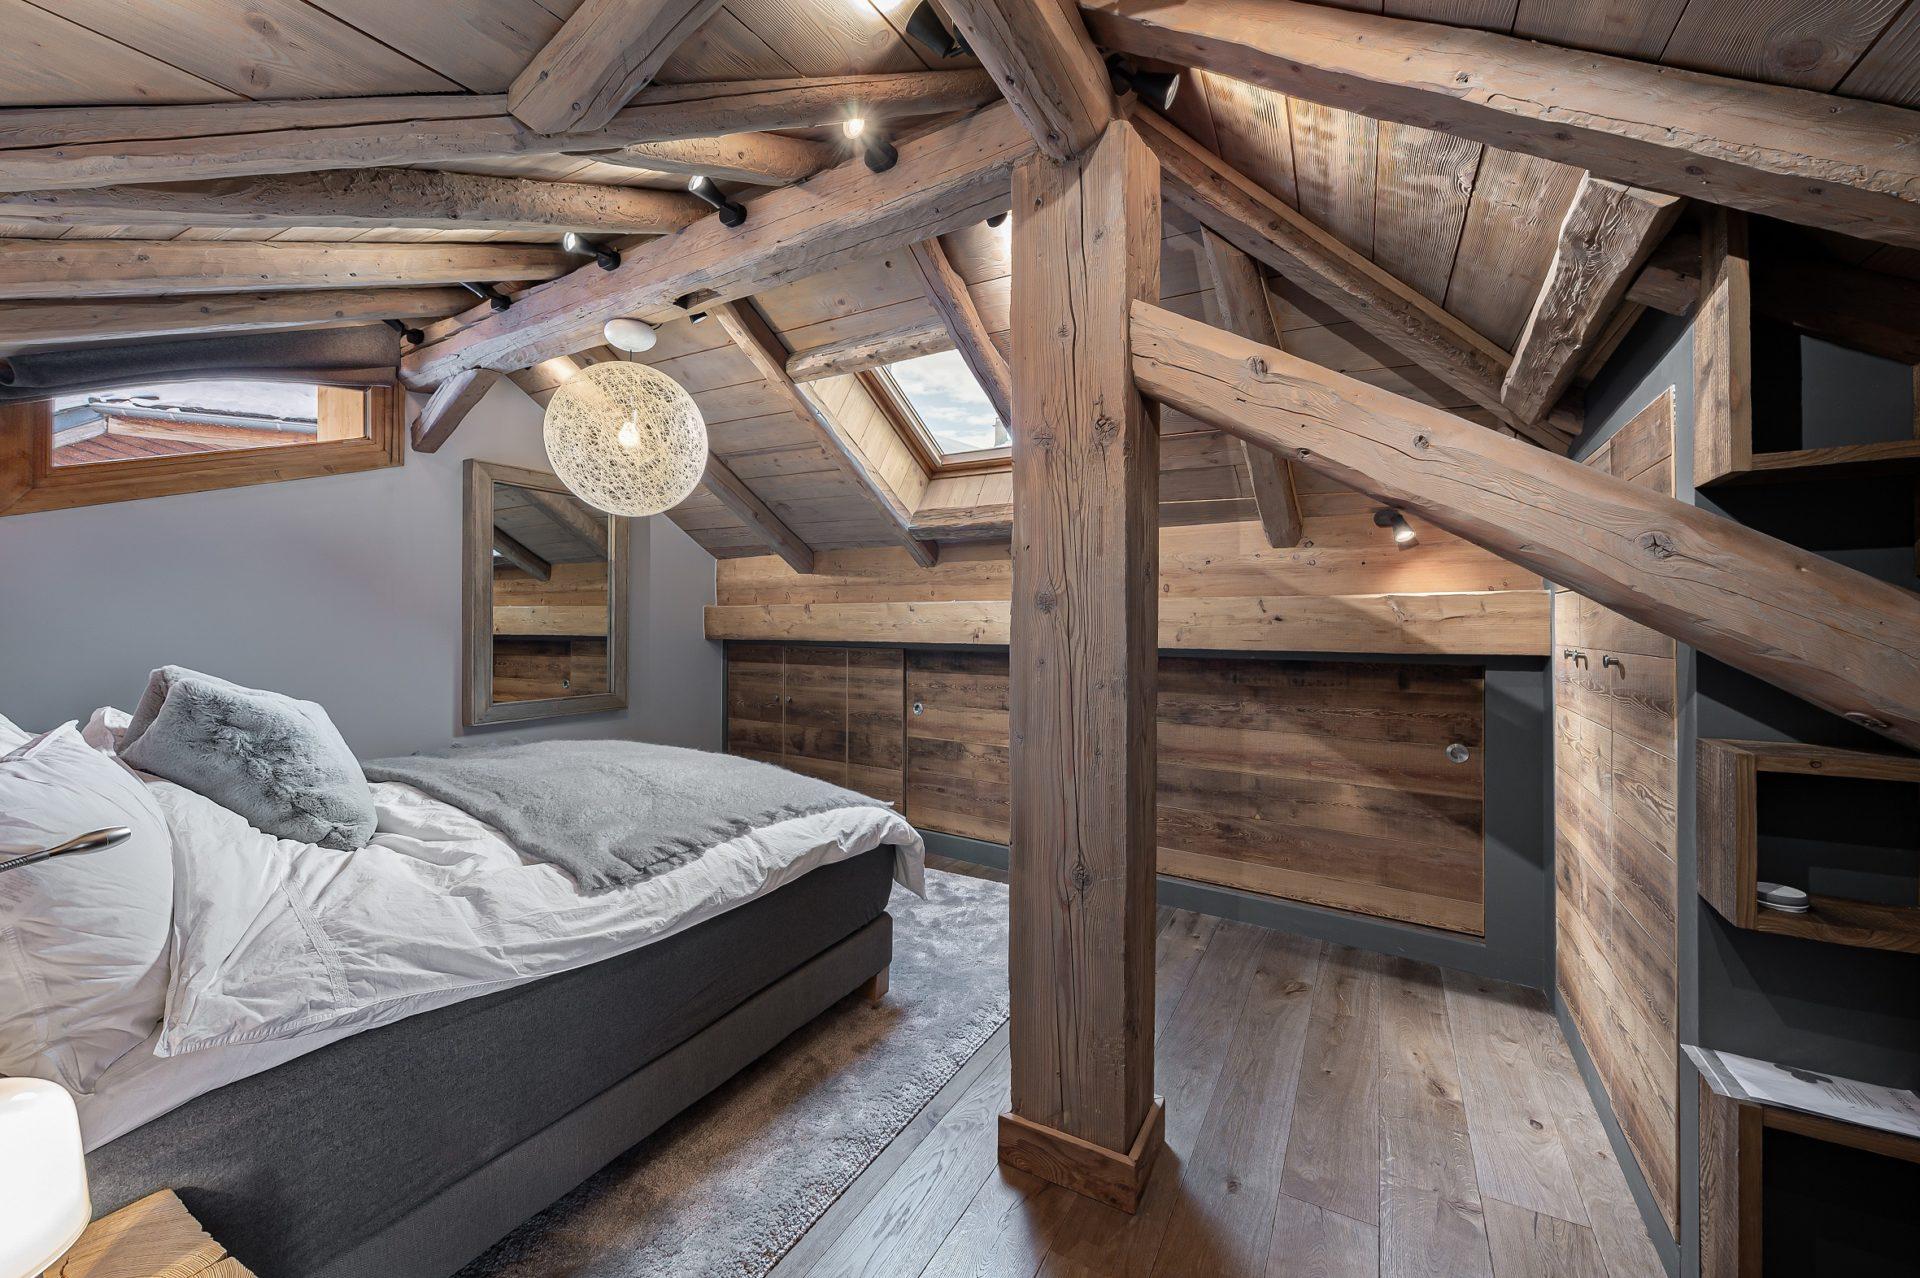 L'Epicerie / Appartement 3 / Chambre sous combles / Saint Martin de Belleville, Savoie